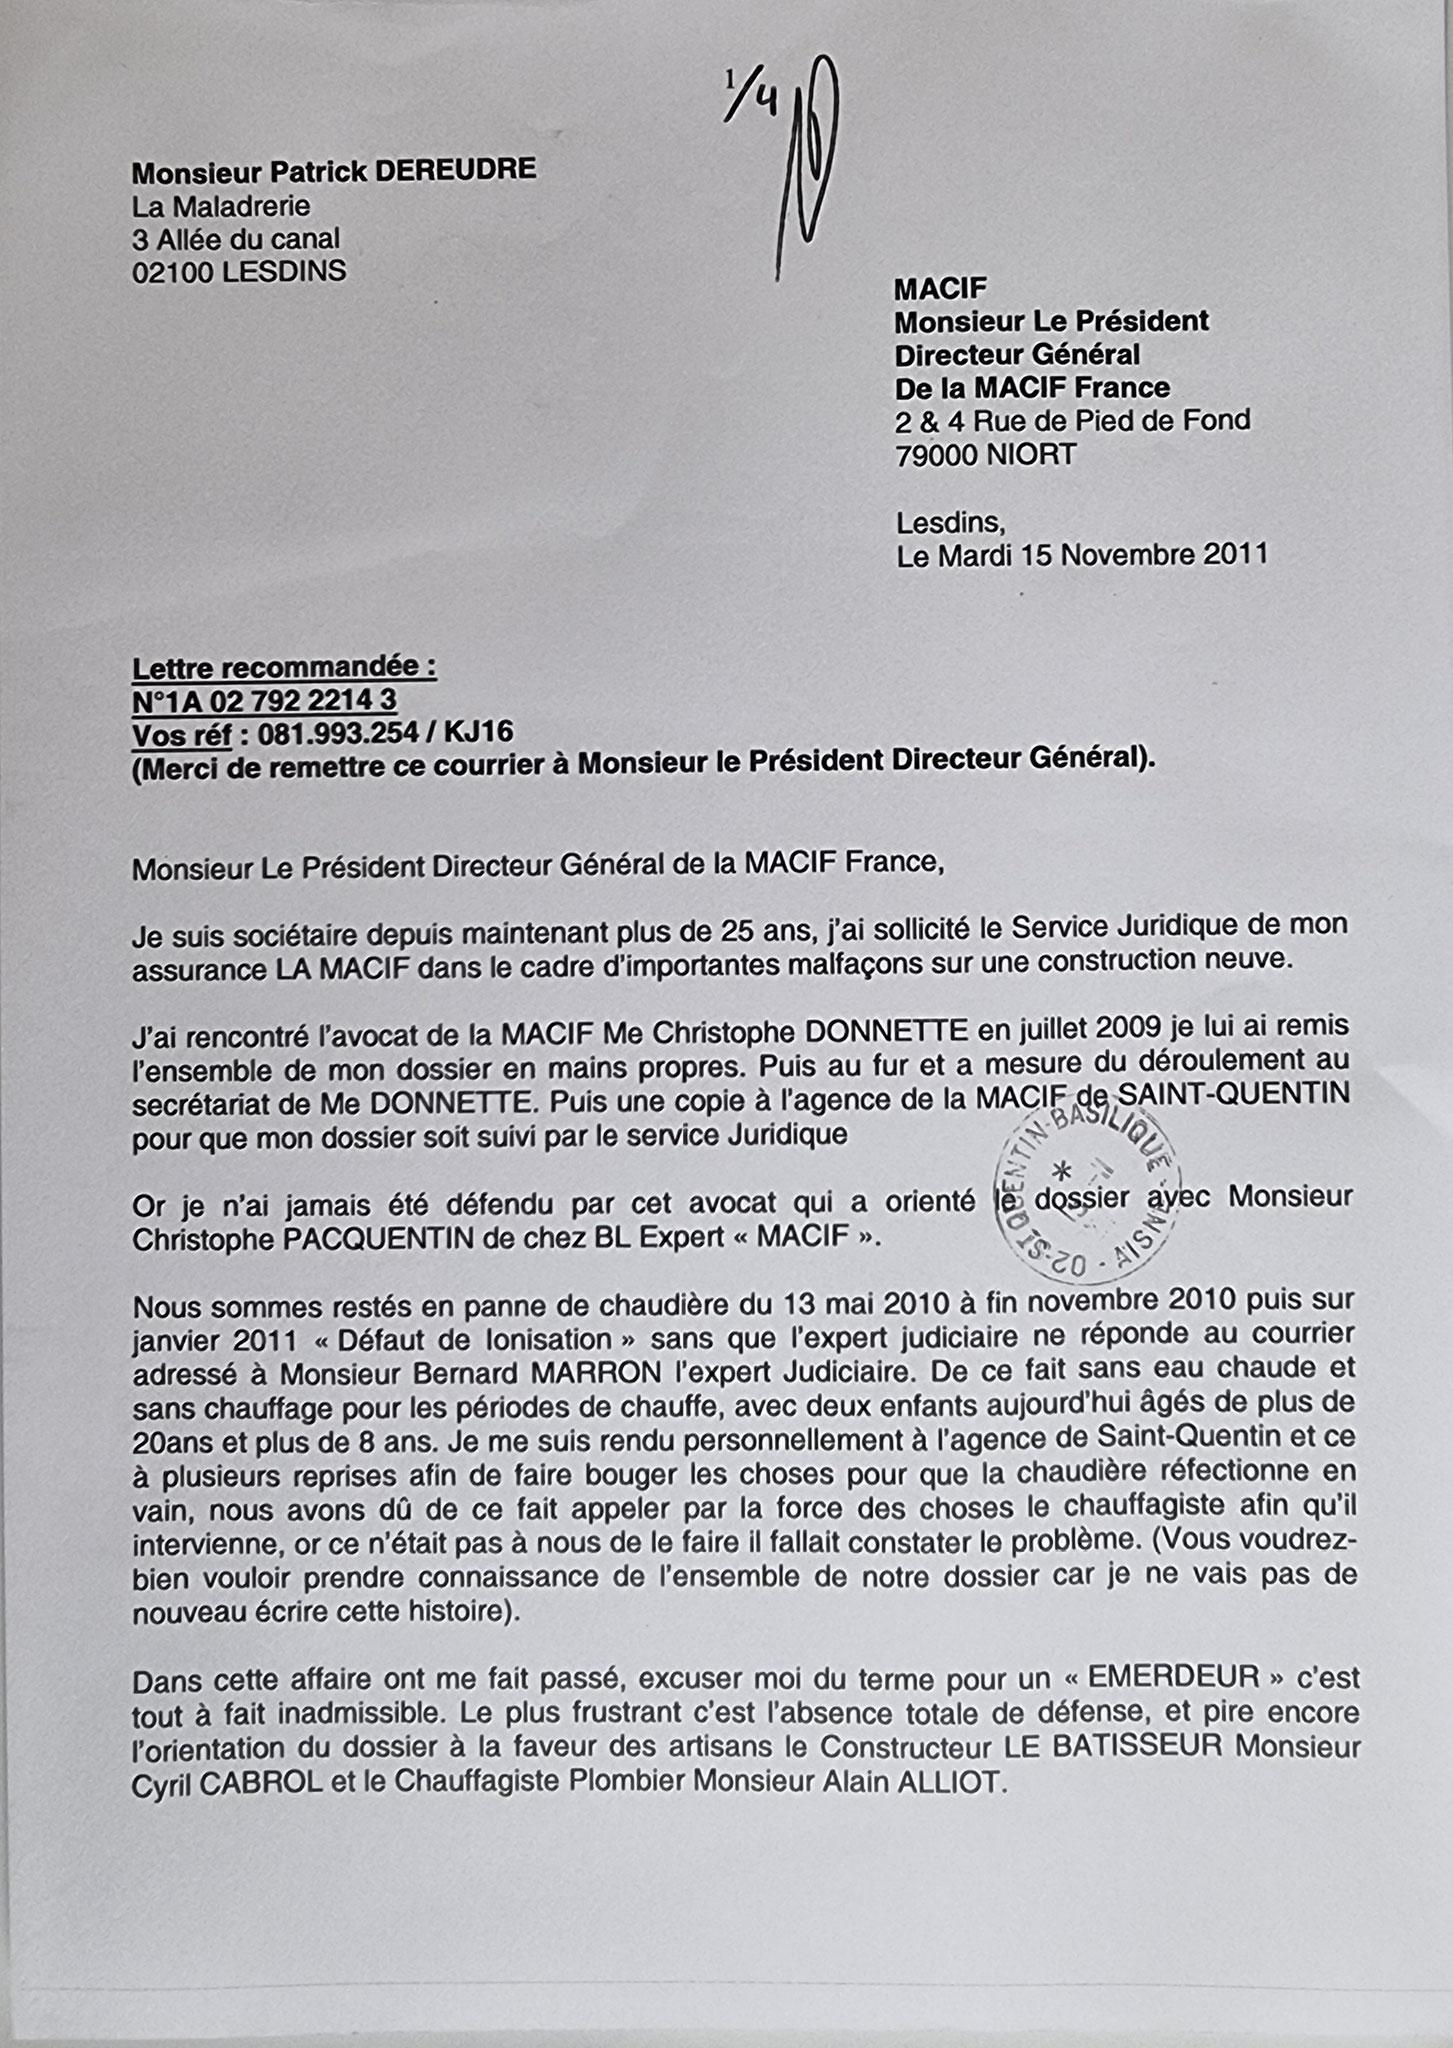 Le Mardi 15 Novembre 2011, j'adresse une LRAR de quatre pages au Président Directeur Général à NIORT de ma compagnie d'assurances  de la MACIF.     INACCEPTABLE  BORDERLINE    EXPERTISES JUDICIAIRES ENTRE COPAINS. www.jesuispatrick.fr www.jesuisvitime.fr